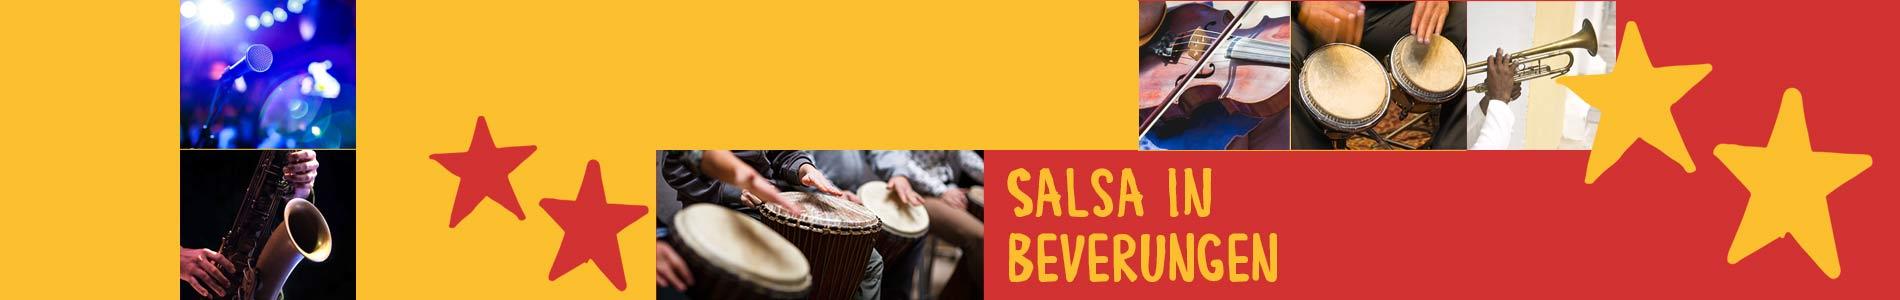 Salsa in Beverungen – Salsa lernen und tanzen, Tanzkurse, Partys, Veranstaltungen